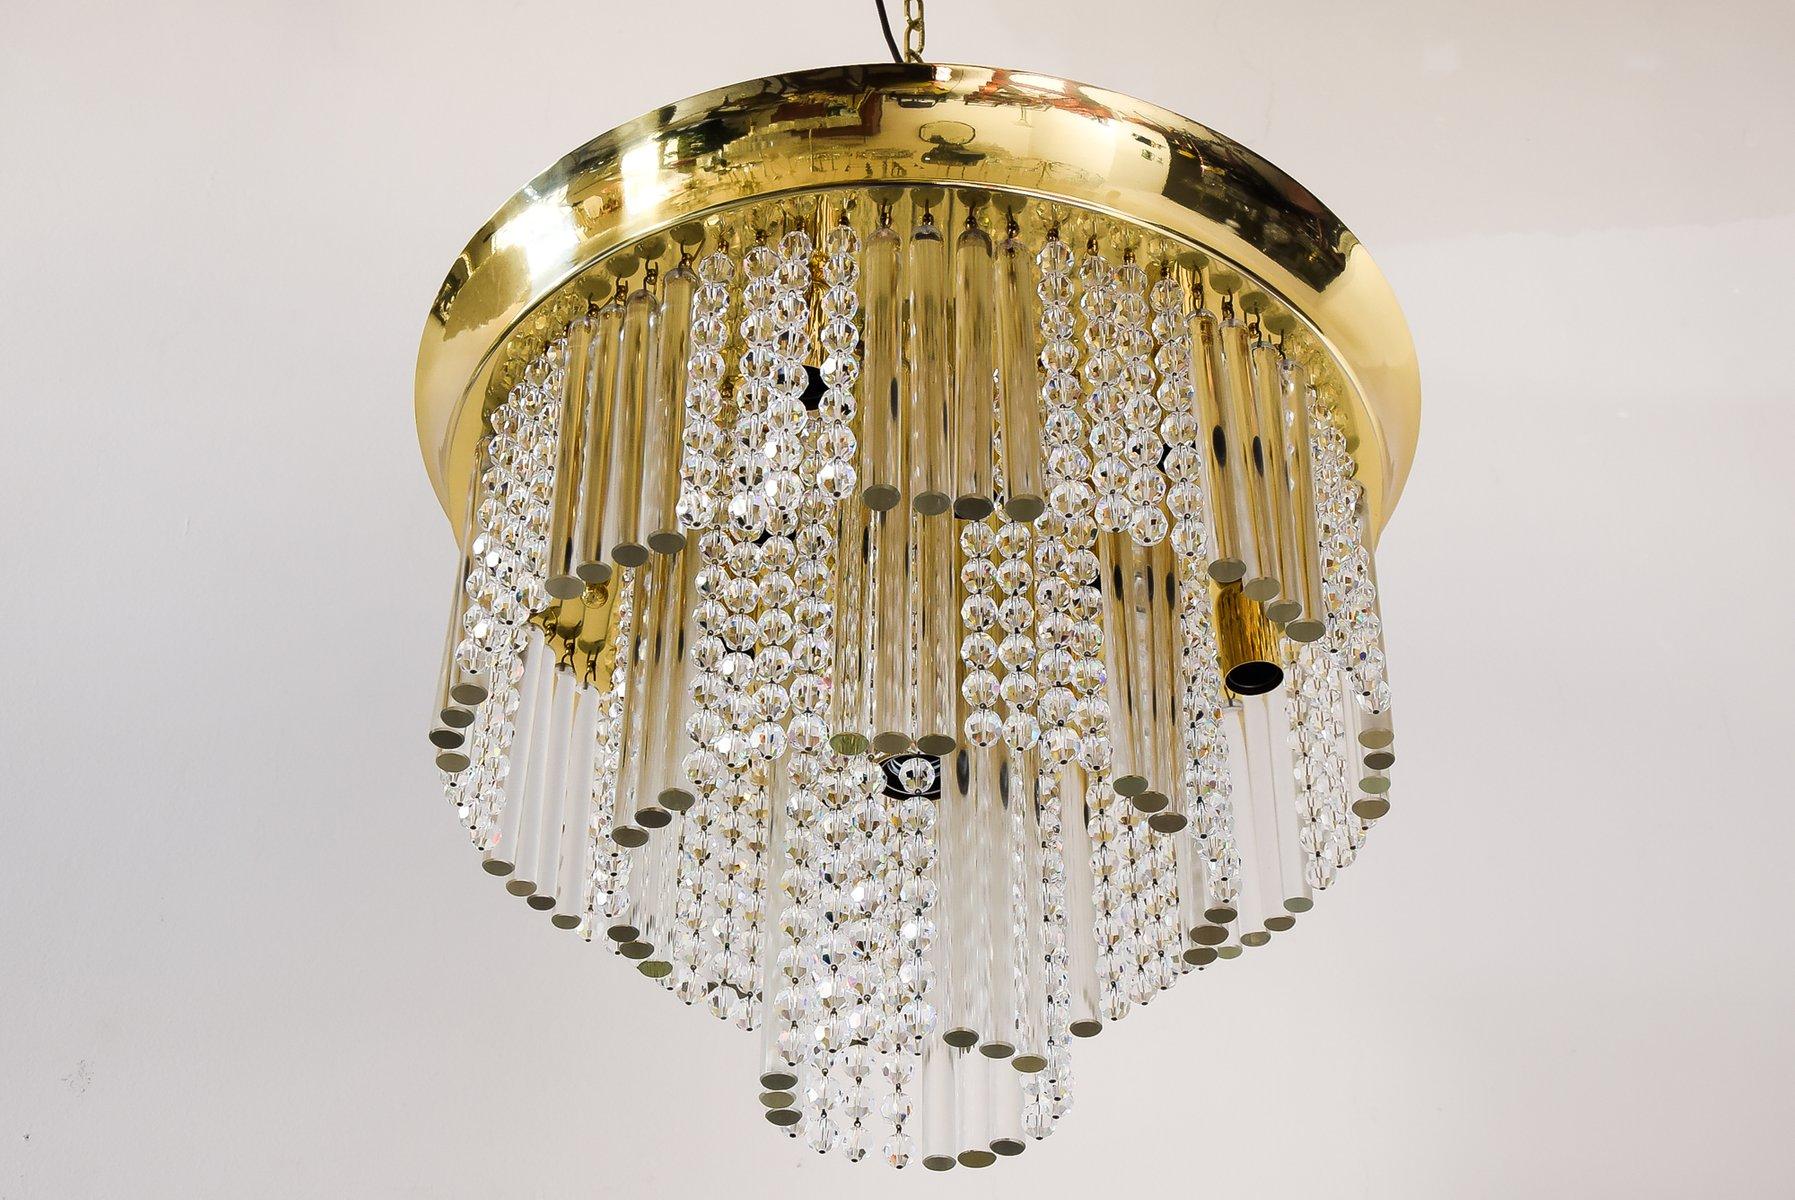 Dreistufige Glas Deckenlampe mit Kristallen von J. T. Kalmar, 1960er